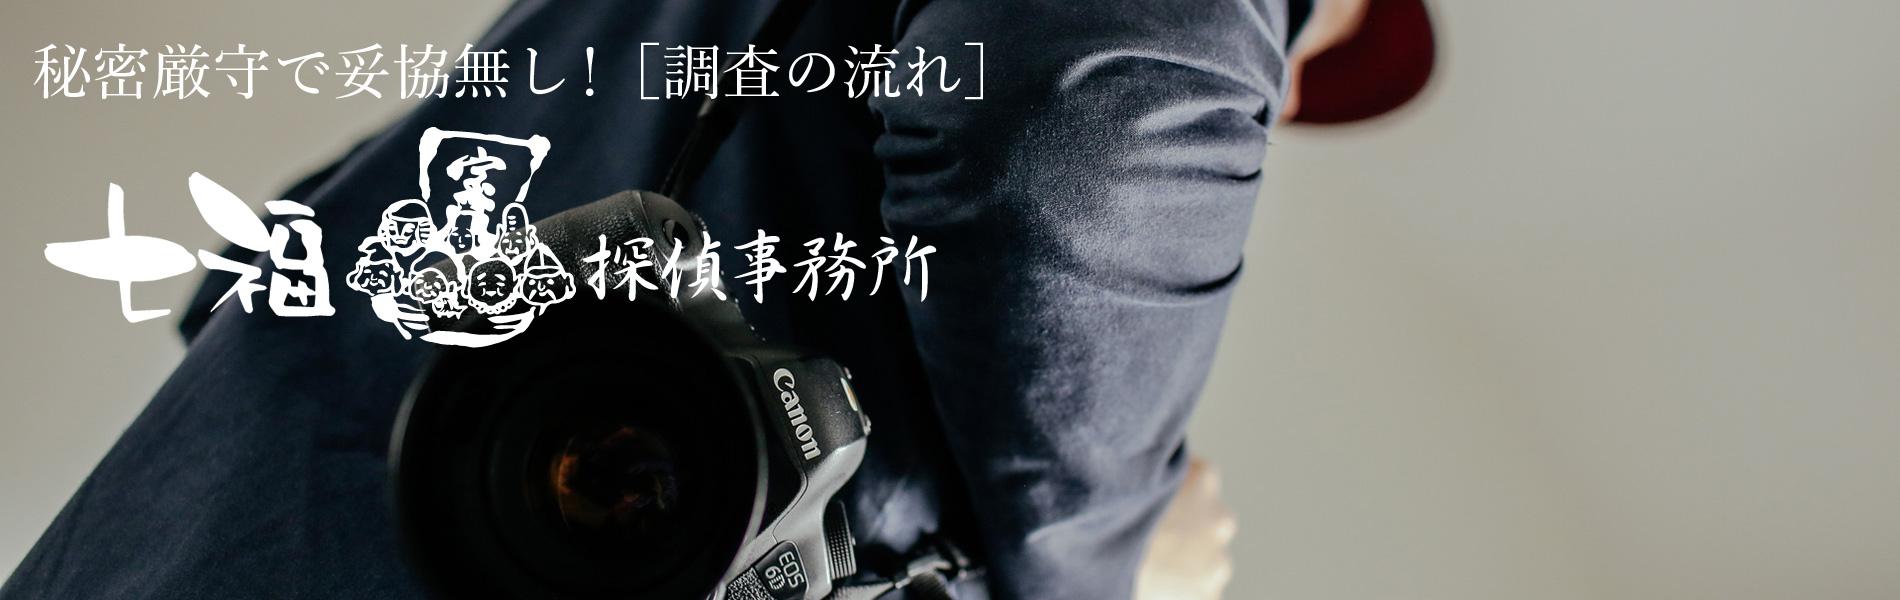 東京 目黒 浮気調査 人探し 調査の流れ 七福探偵事務所